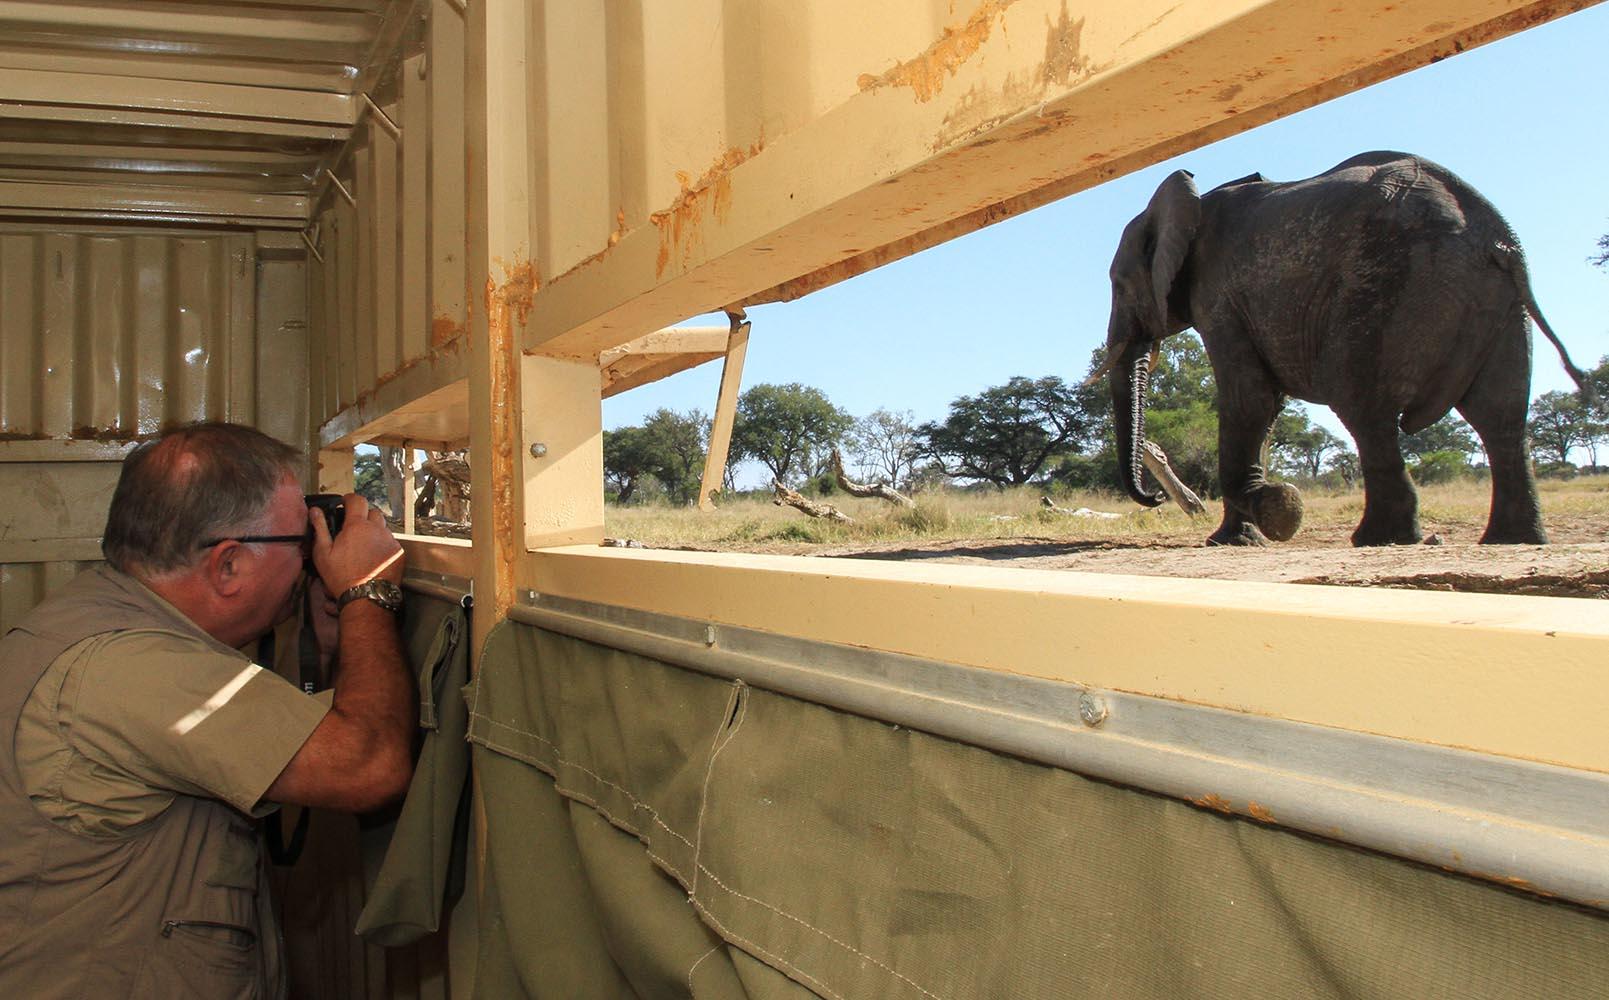 jozibanini camp hwange-national-park-zimbabwe-lodges-adventure-rustic-safari-experience-the-hide-elephant-photography